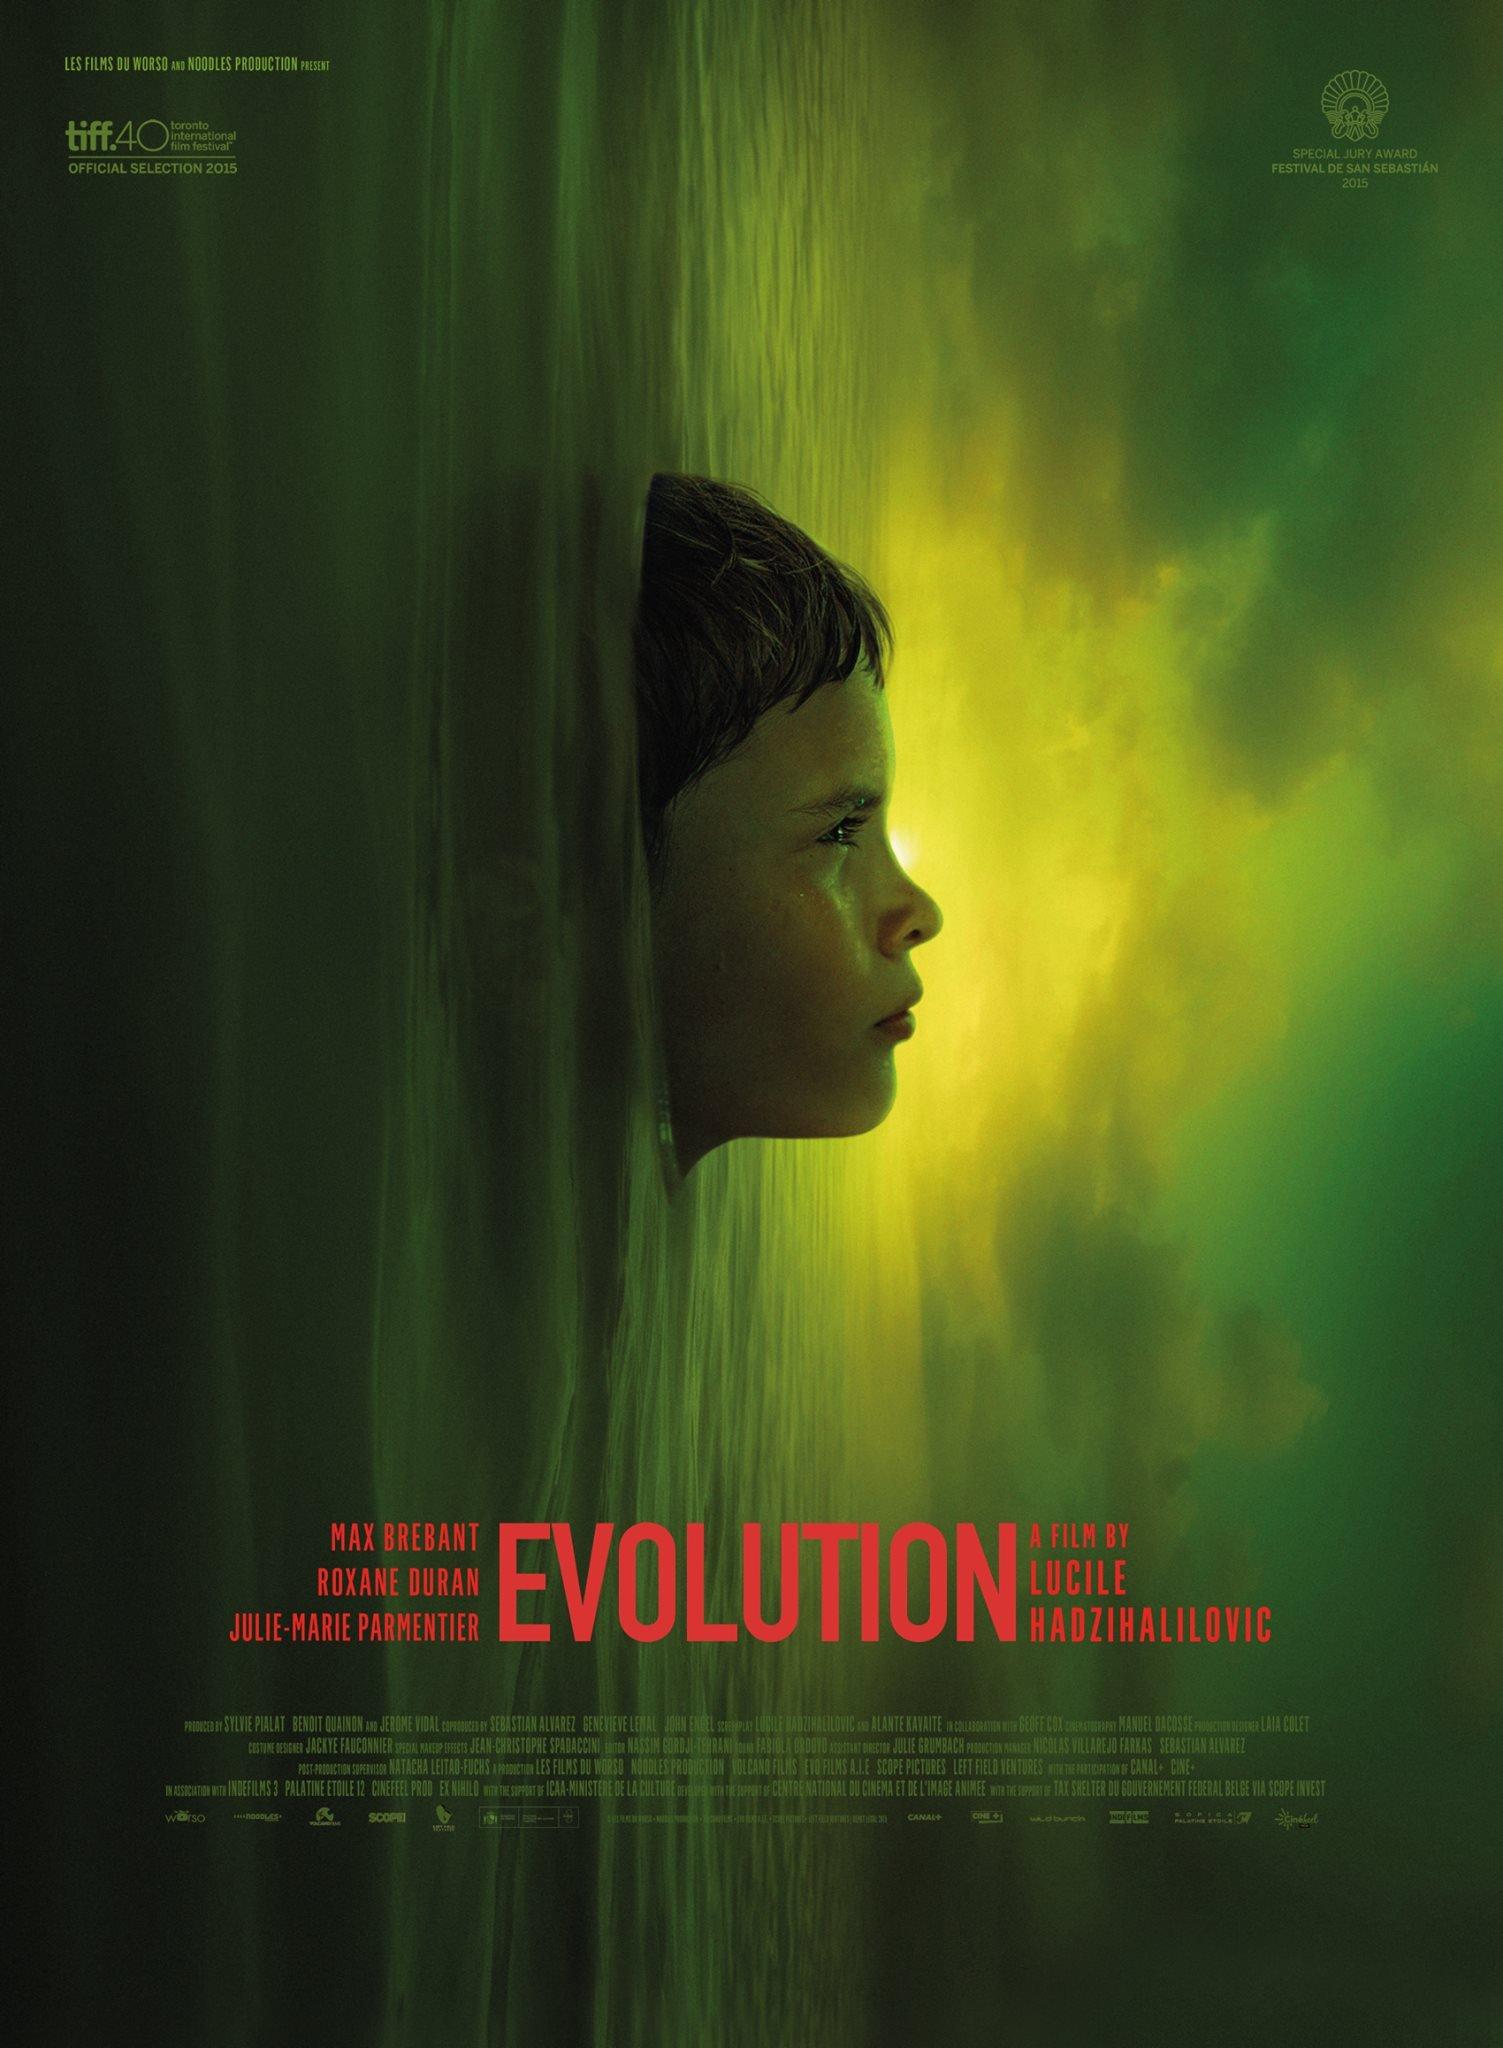 Рецензия на фильм «Эволюция» - фантастика по Лавкрафту. - Изображение 1